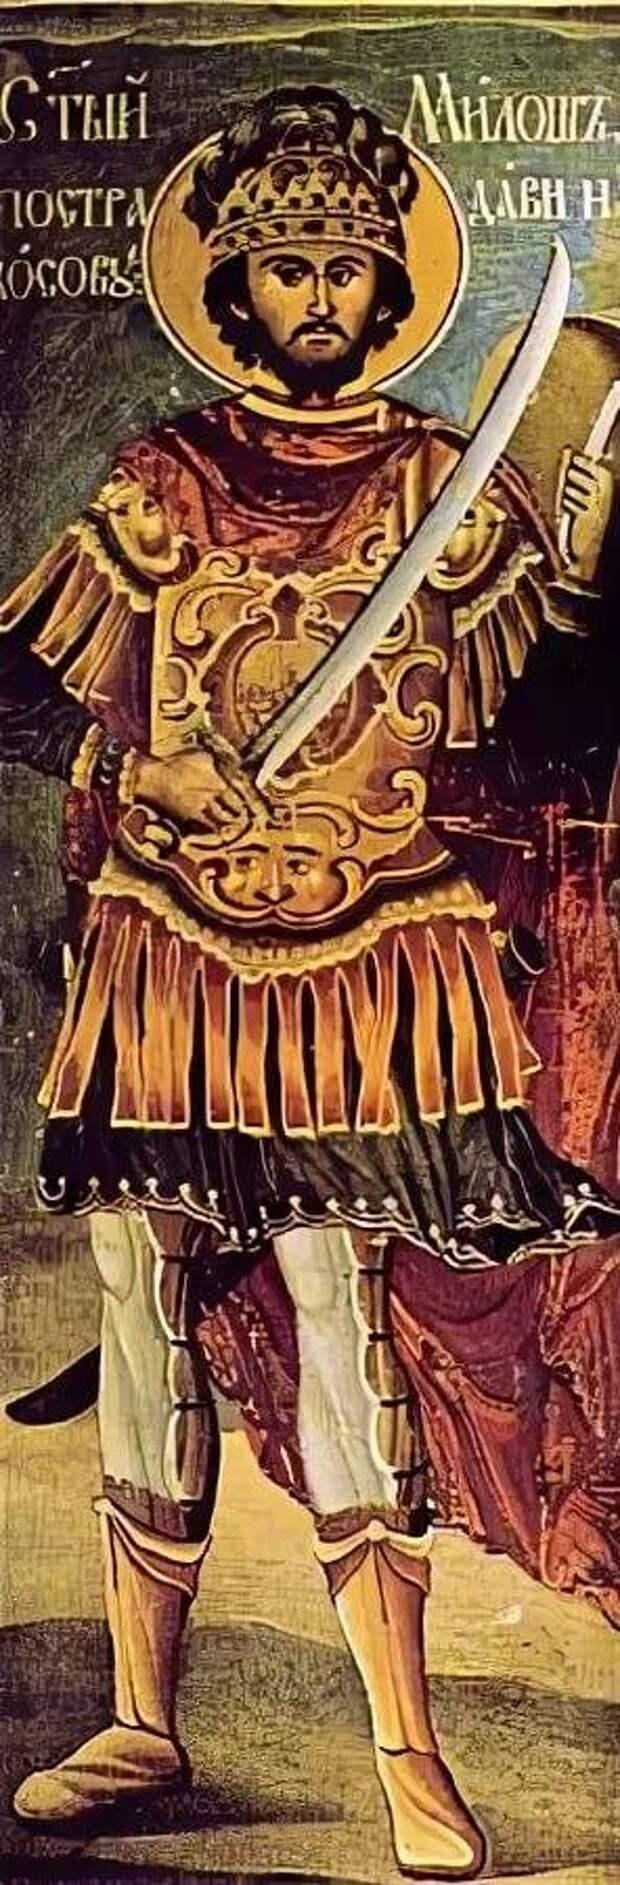 Тимур и Баязид I. Великие полководцы, не поделившие мир